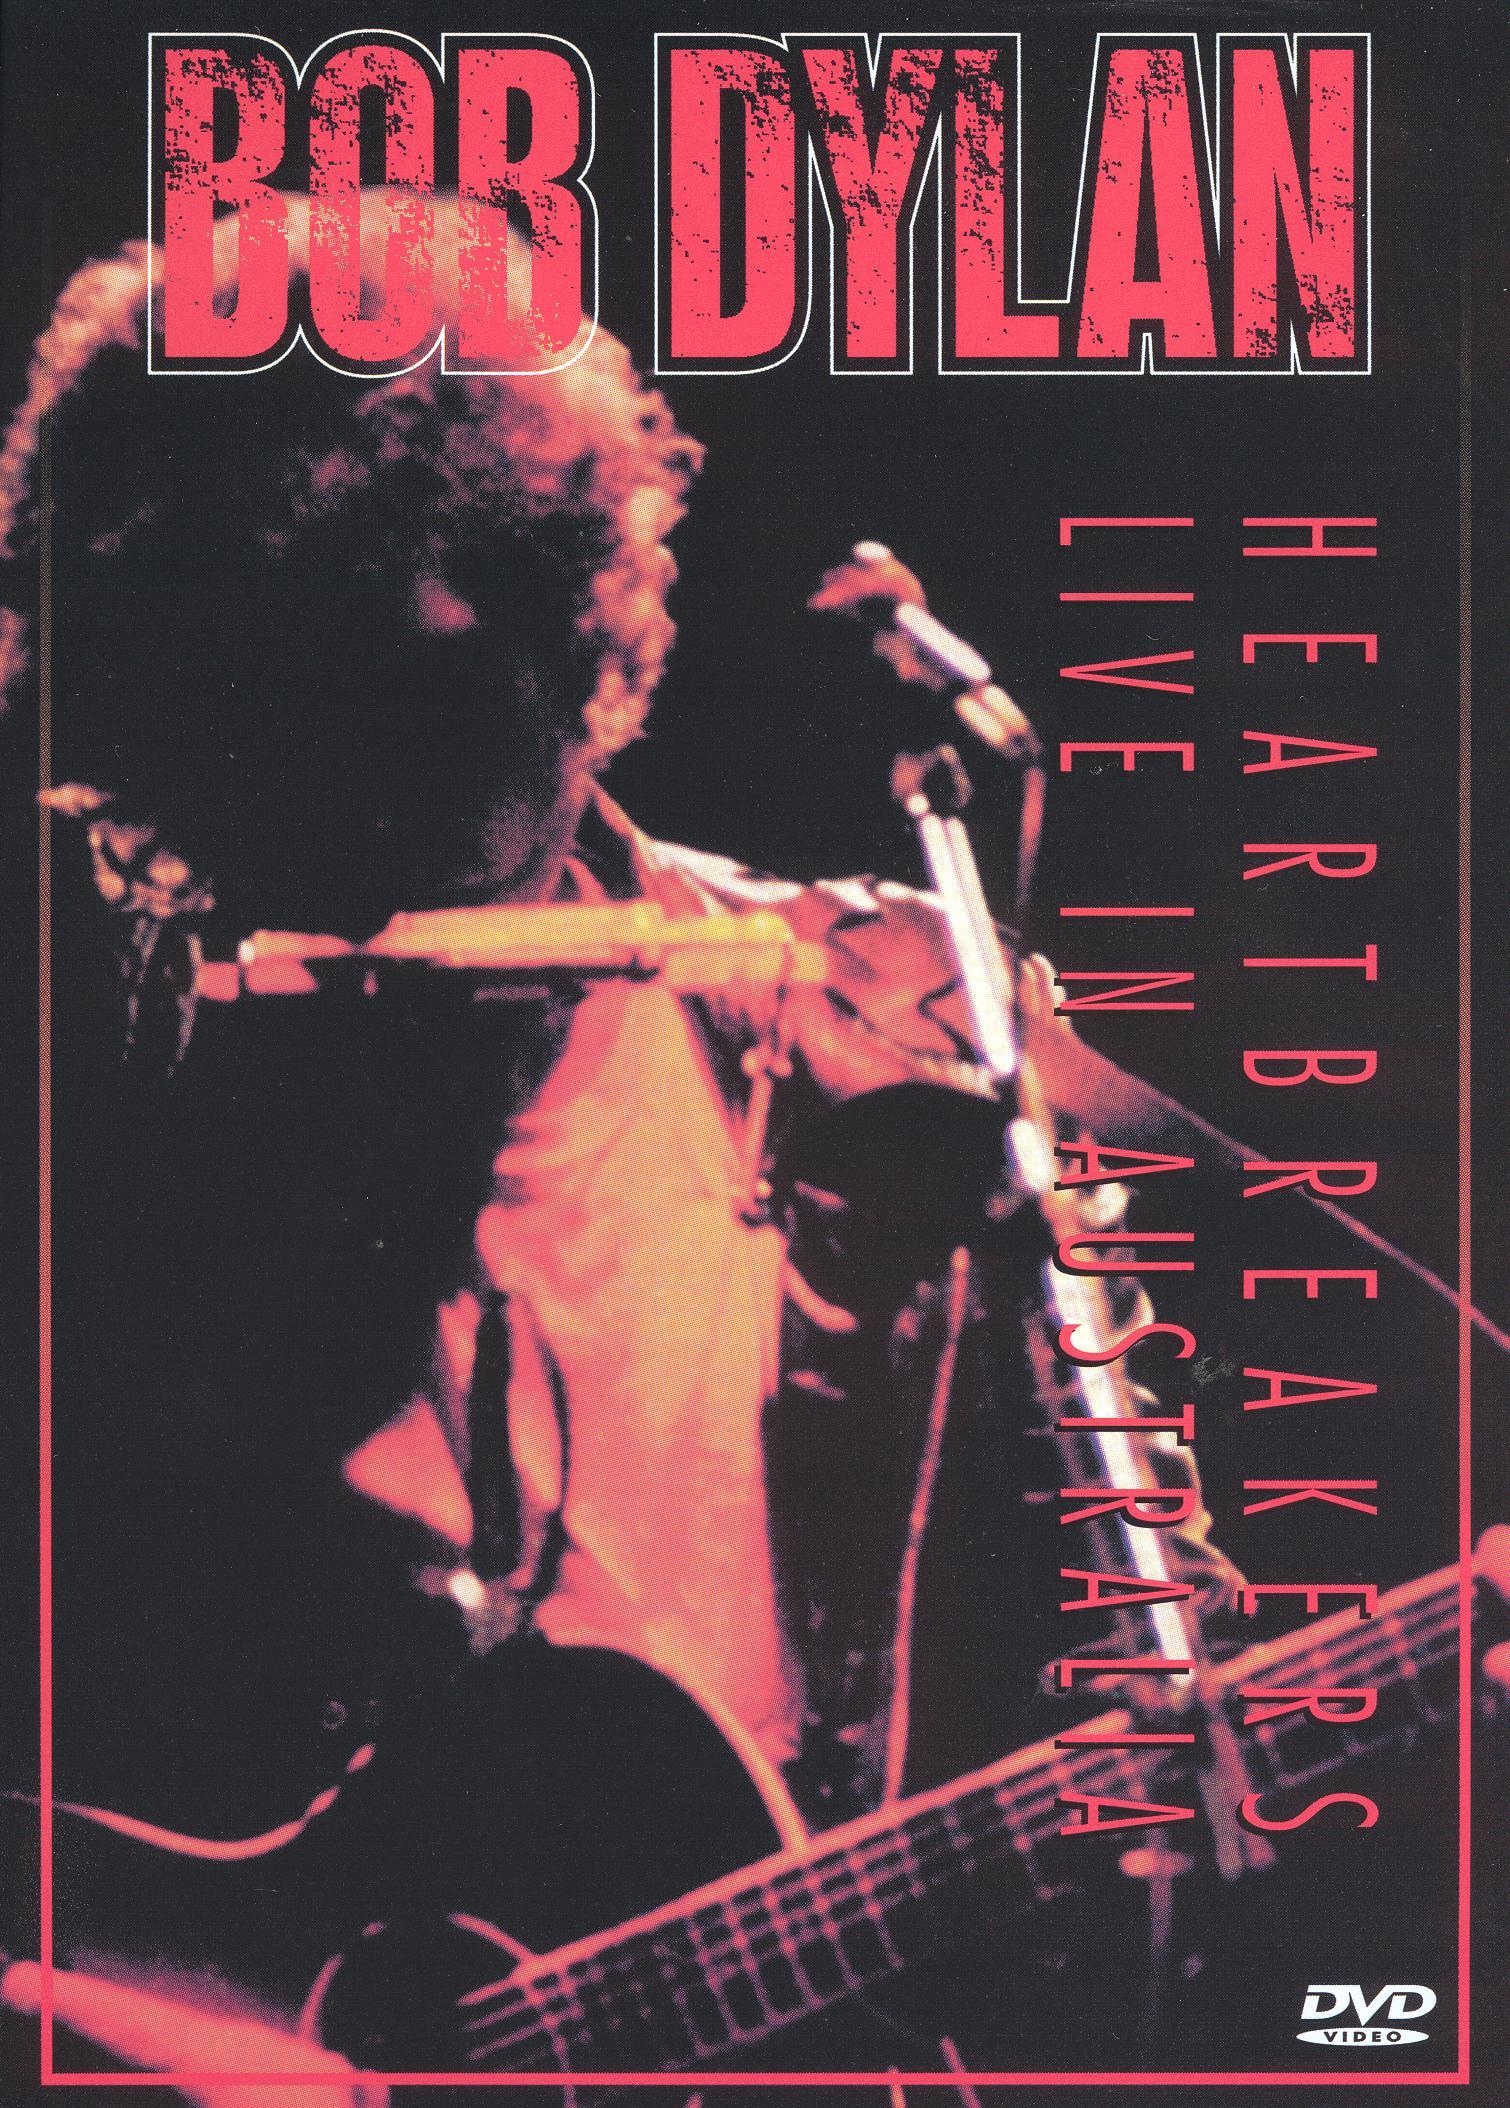 Bob Dylan: Heart Breakers - Live In Australia